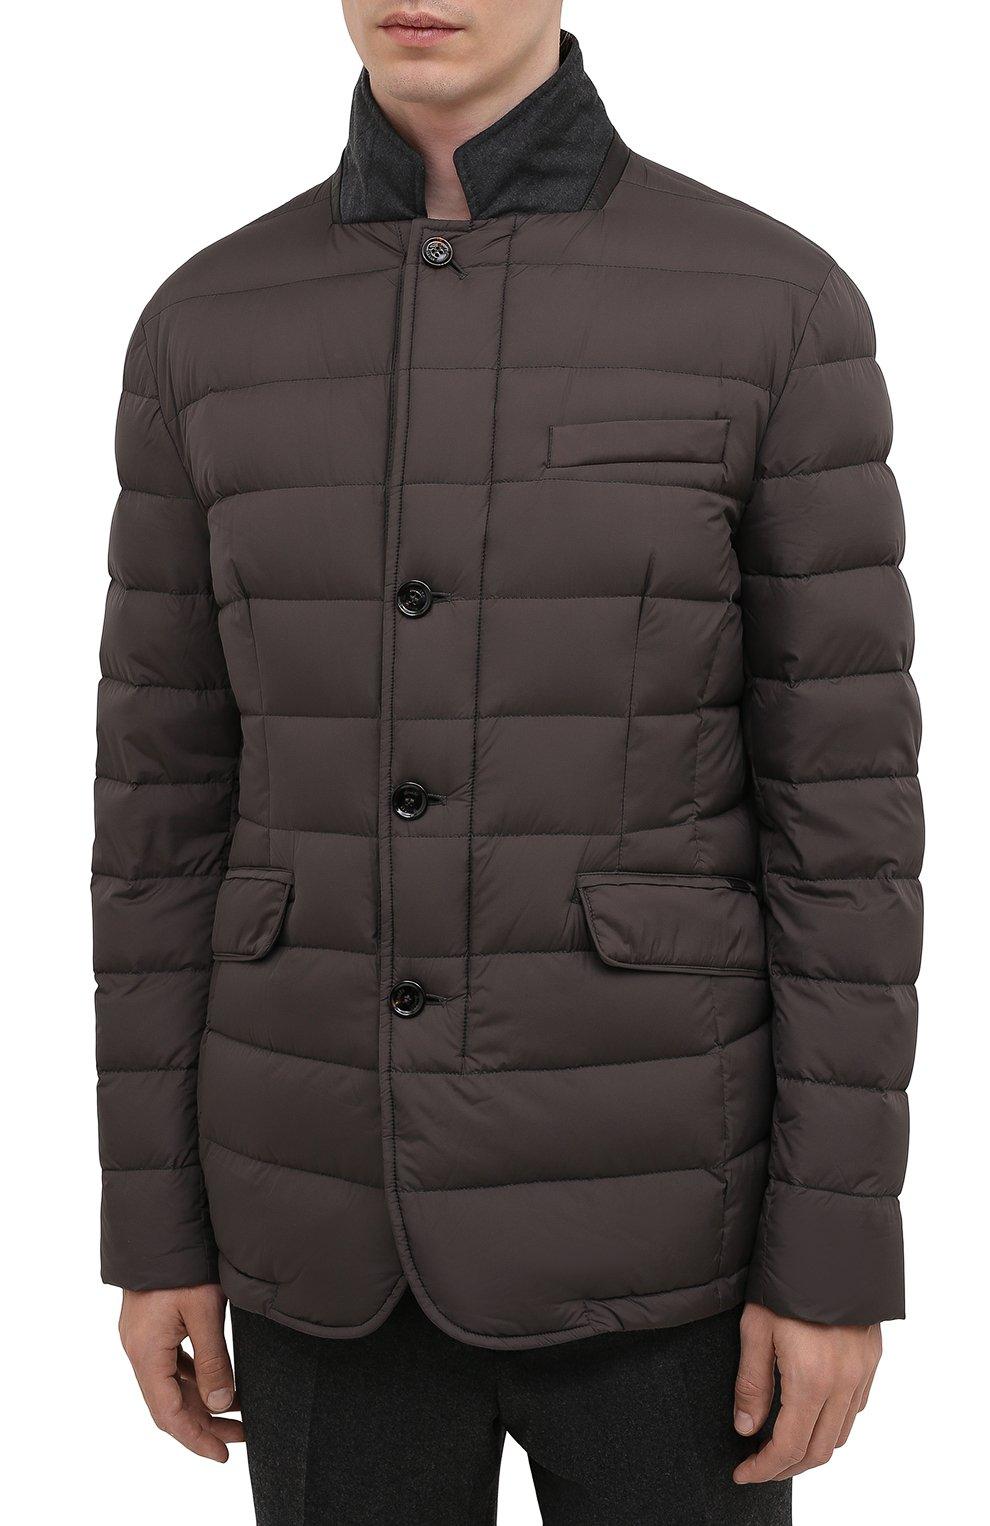 Мужская пуховая куртка zayn-op MOORER коричневого цвета, арт. ZAYN-0P/M0UGI100307-TEPA017   Фото 3 (Кросс-КТ: Куртка, Пуховик; Мужское Кросс-КТ: пуховик-короткий; Рукава: Длинные; Материал внешний: Синтетический материал; Материал подклада: Синтетический материал; Длина (верхняя одежда): Короткие; Материал утеплителя: Пух и перо; Стили: Кэжуэл)